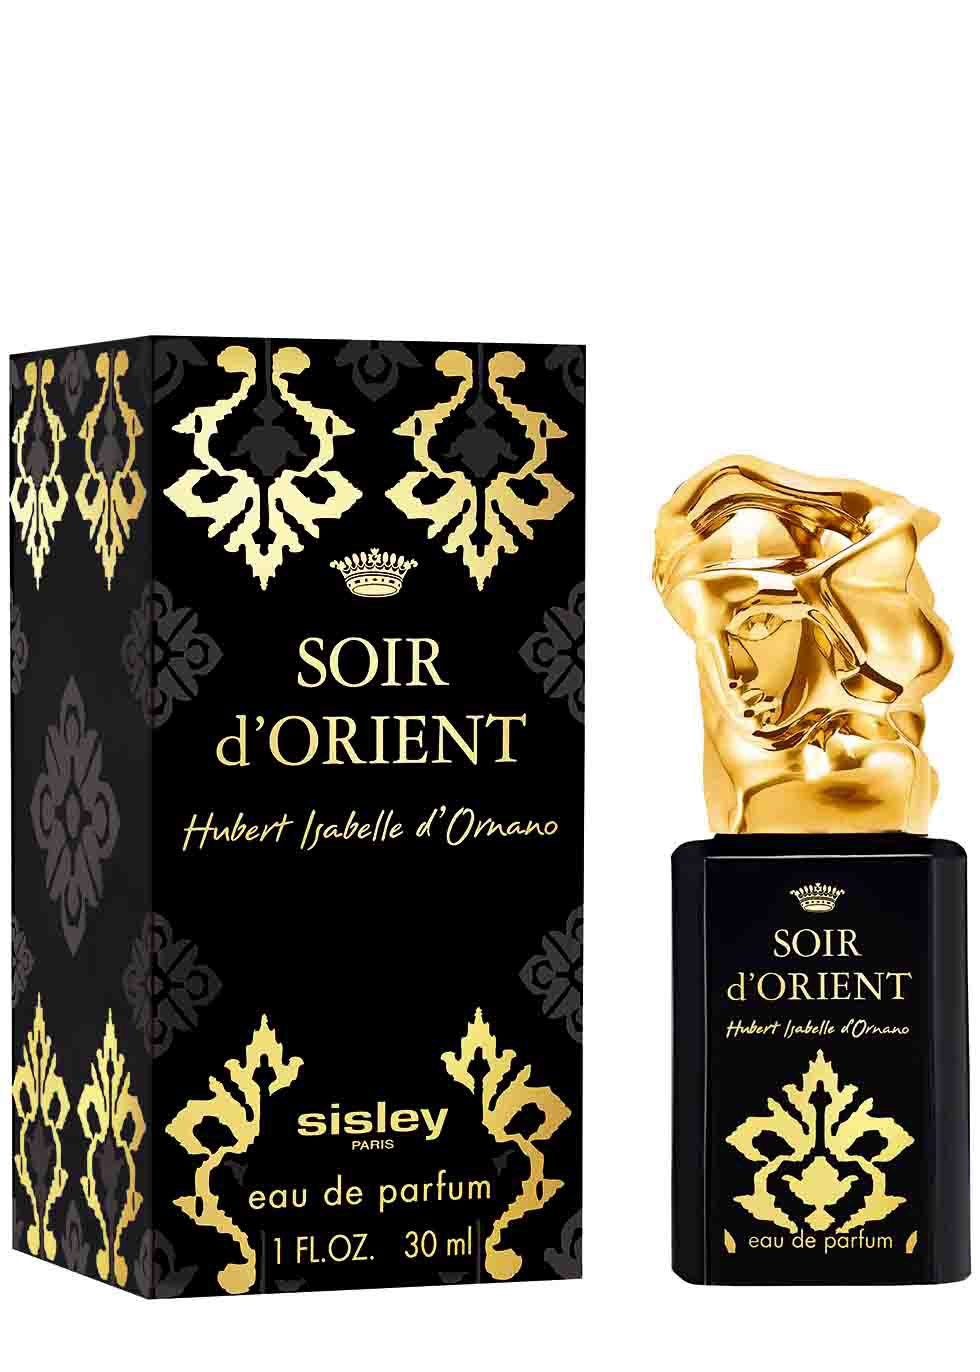 Harvey Soir Nichols Sisley D'orient Eau De Parfum 30ml vnwOPNm0y8